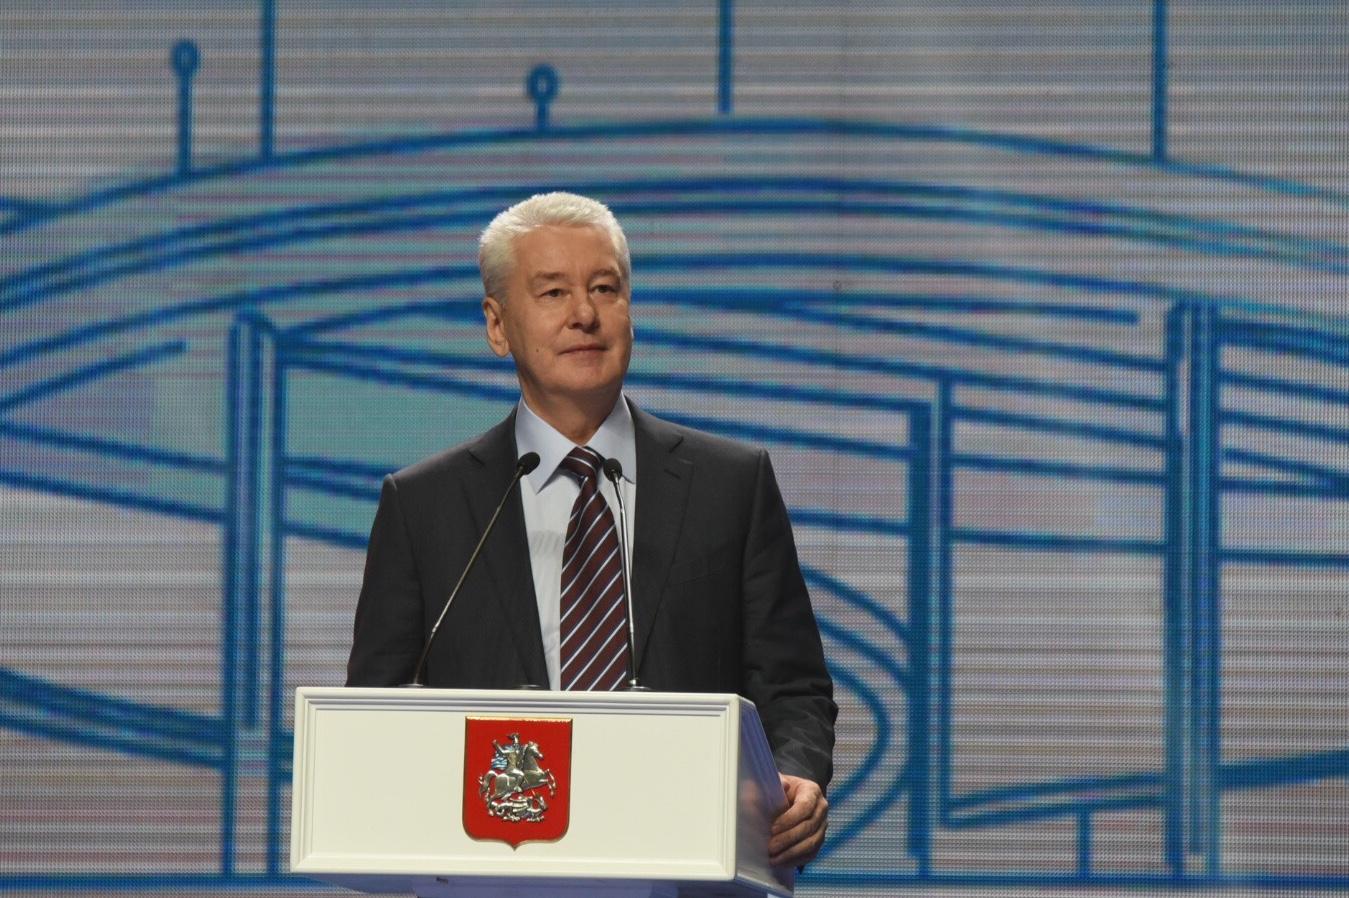 Сергей Собянин рассказал о разгрузке станций метро после ввода Большого кольца